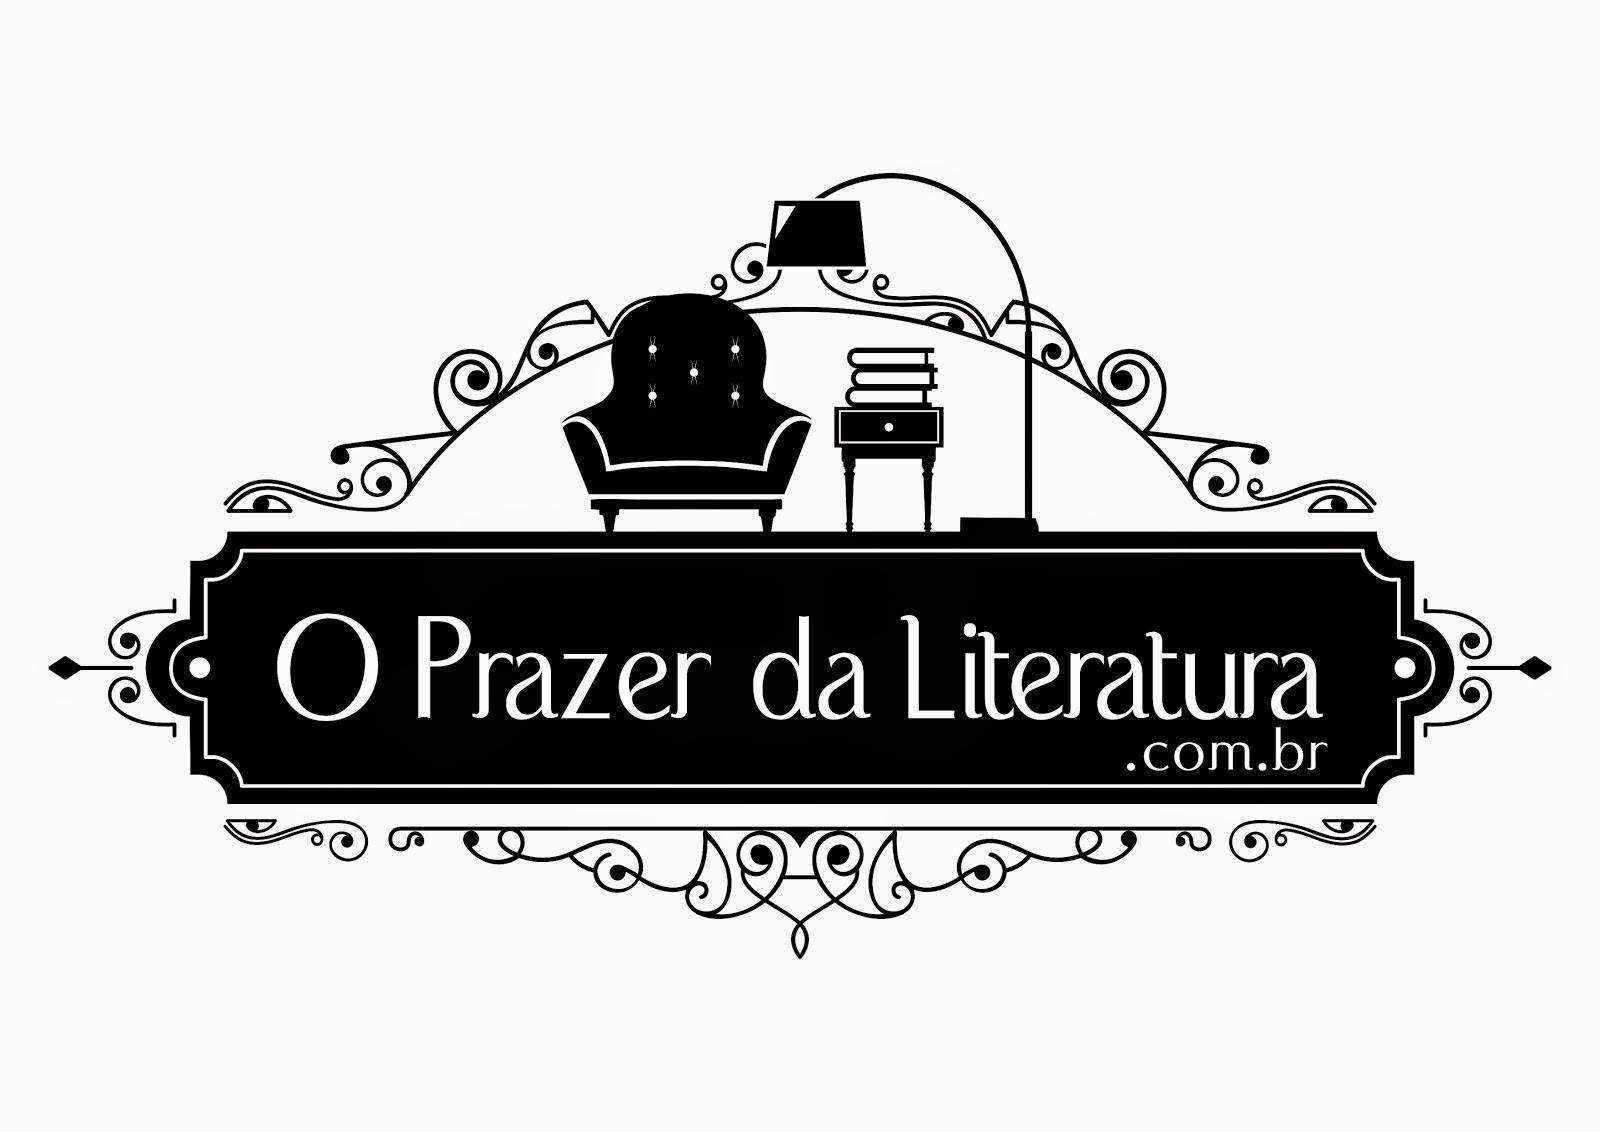 O Prazer da Literatura